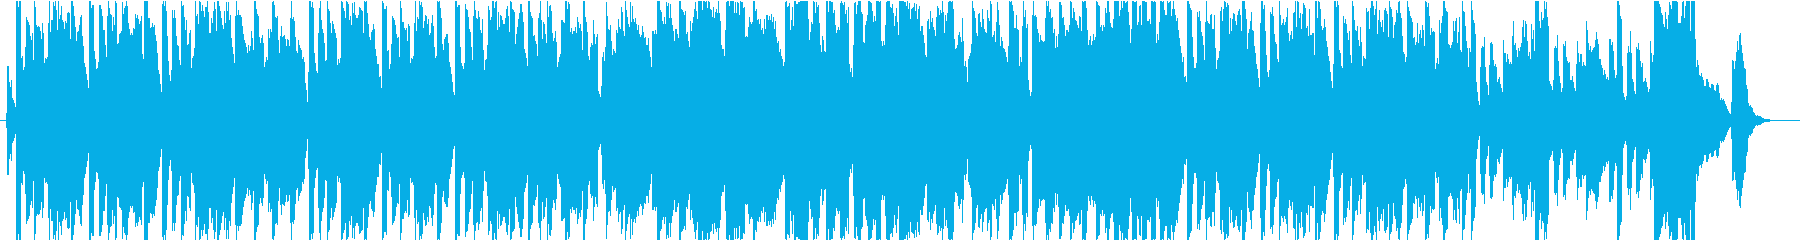 ハーモニカとハミングの爽やかなBGMの再生済みの波形